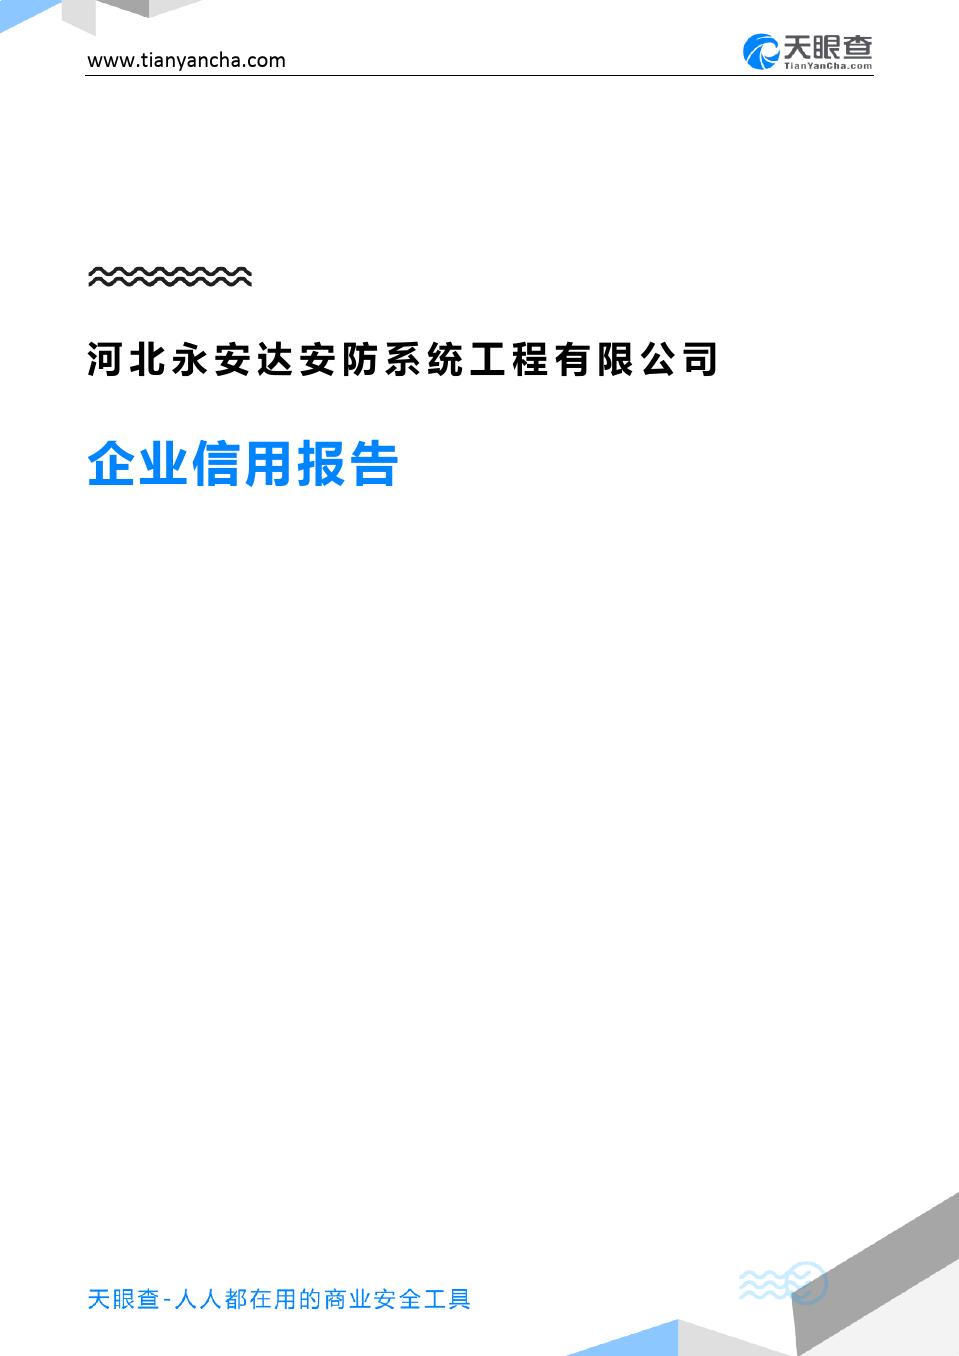 河北永安达安防系统工程有限公司(企业信用报告)- 天眼查